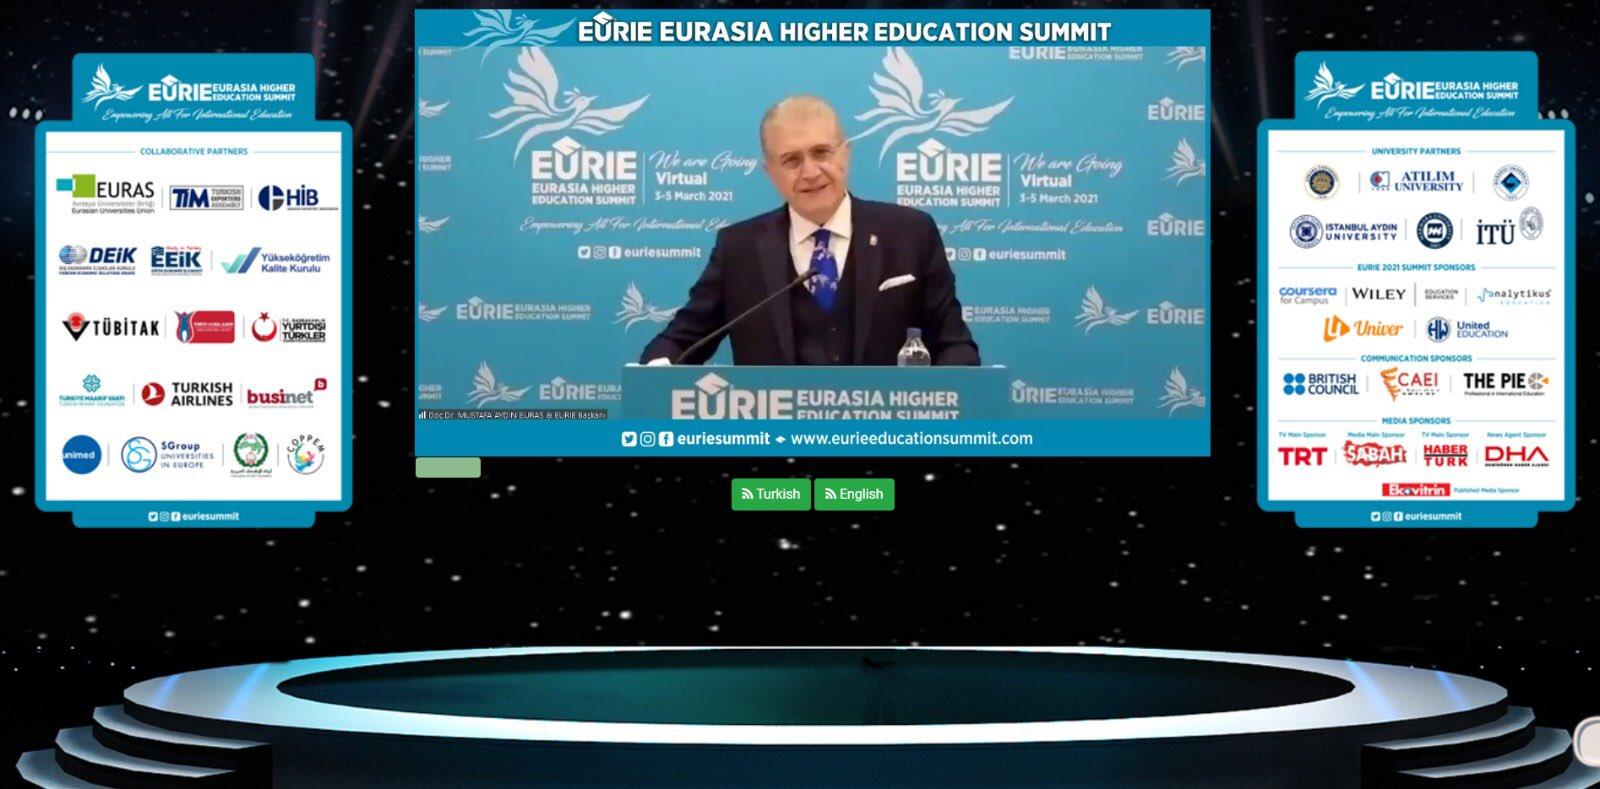 """EURIE 2021 """"MESAFELERİ KALDIRIYORUZ!"""" SLOGANI EŞLİĞİNDE KAPILARINI AÇTI! Öne Çıkan Görsel"""